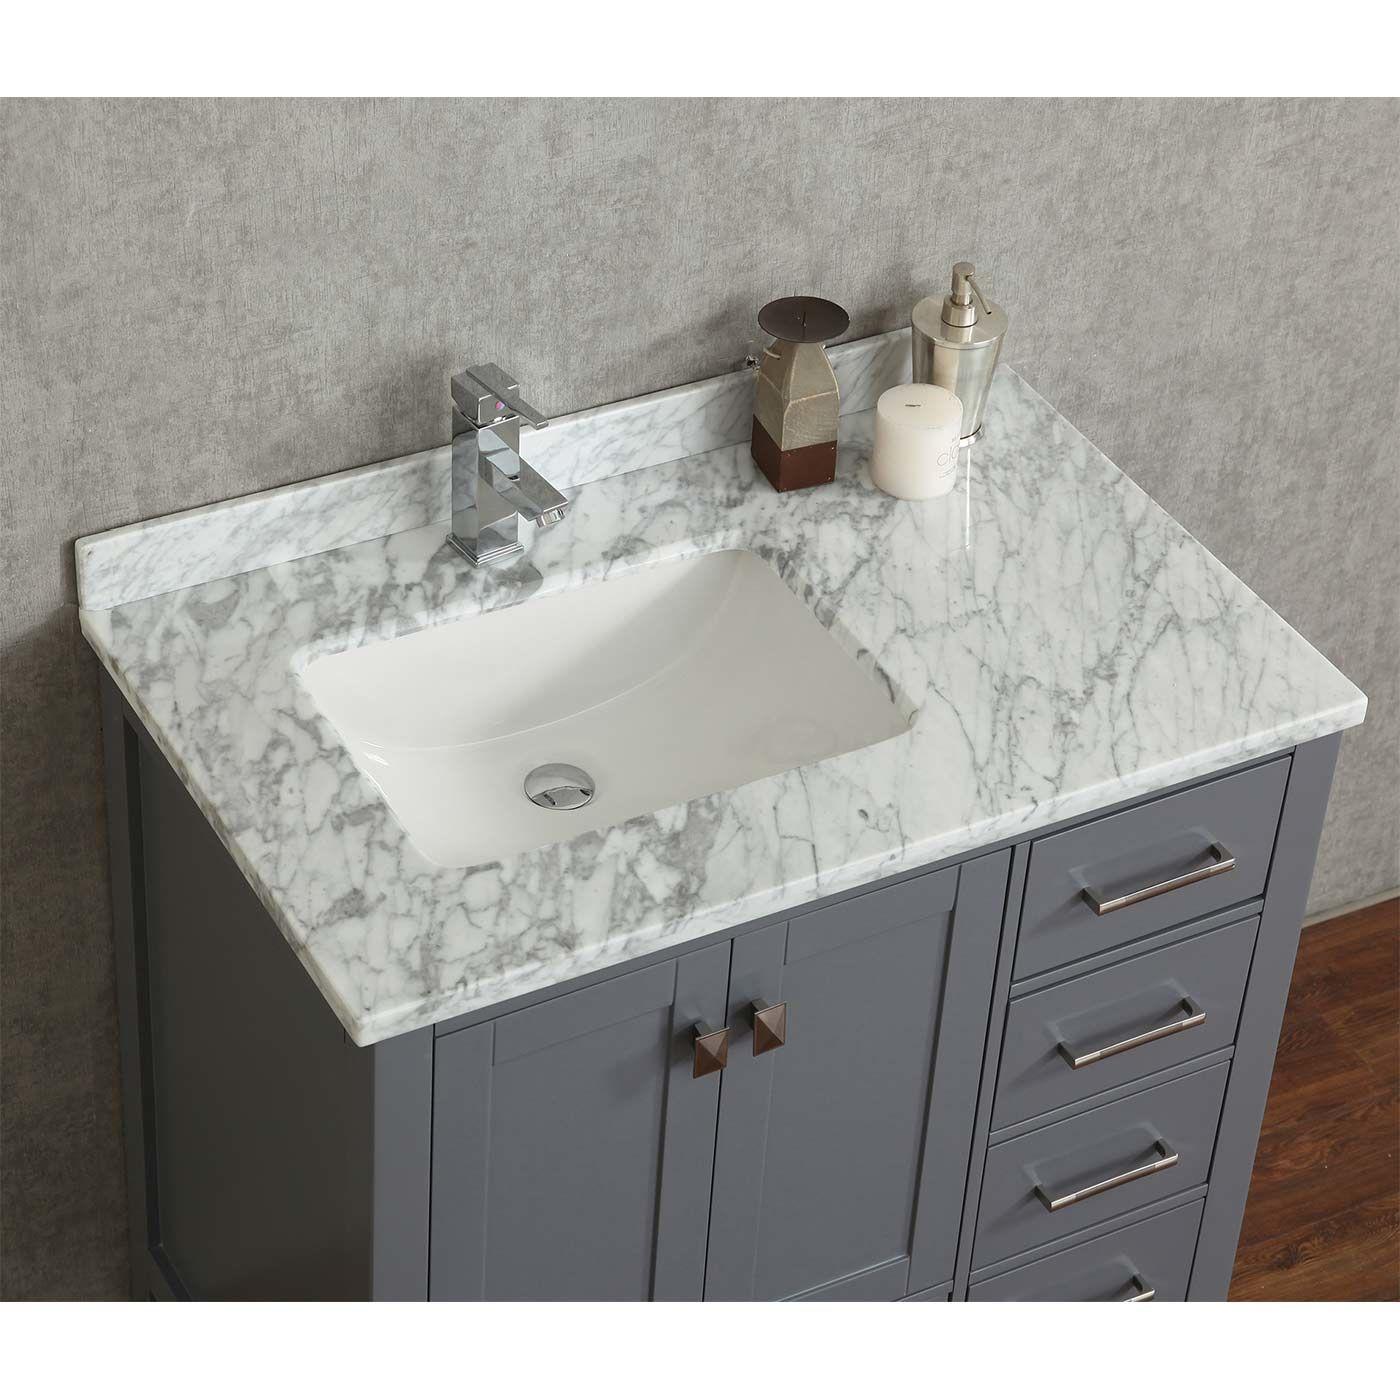 Best Of Home Depot Bathroom Vanities 36 Inch Gallery